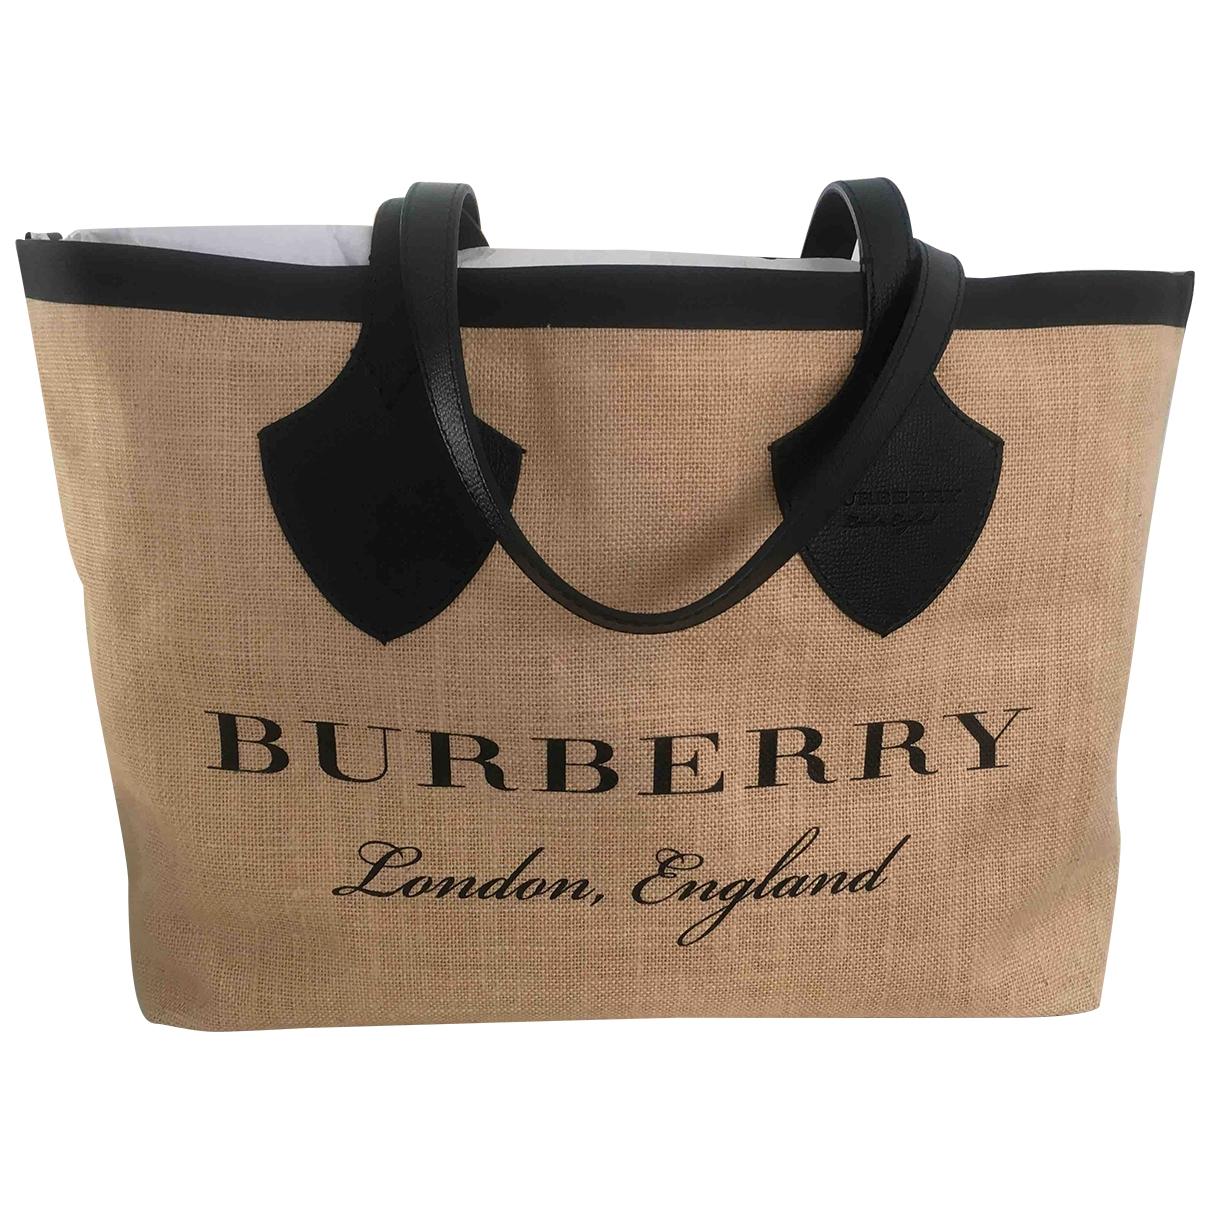 Burberry - Sac a main The Giant  pour femme en toile - noir